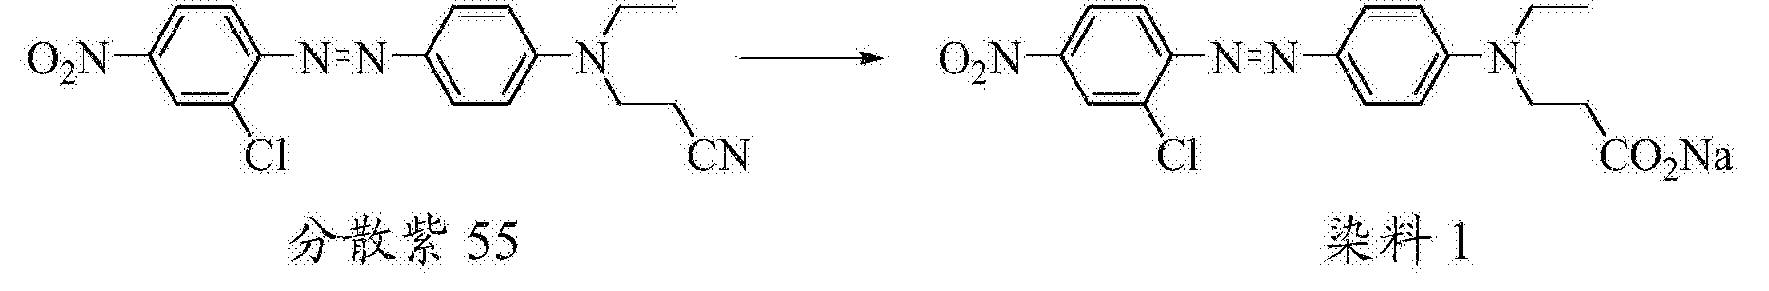 Figure CN104350106BD00192